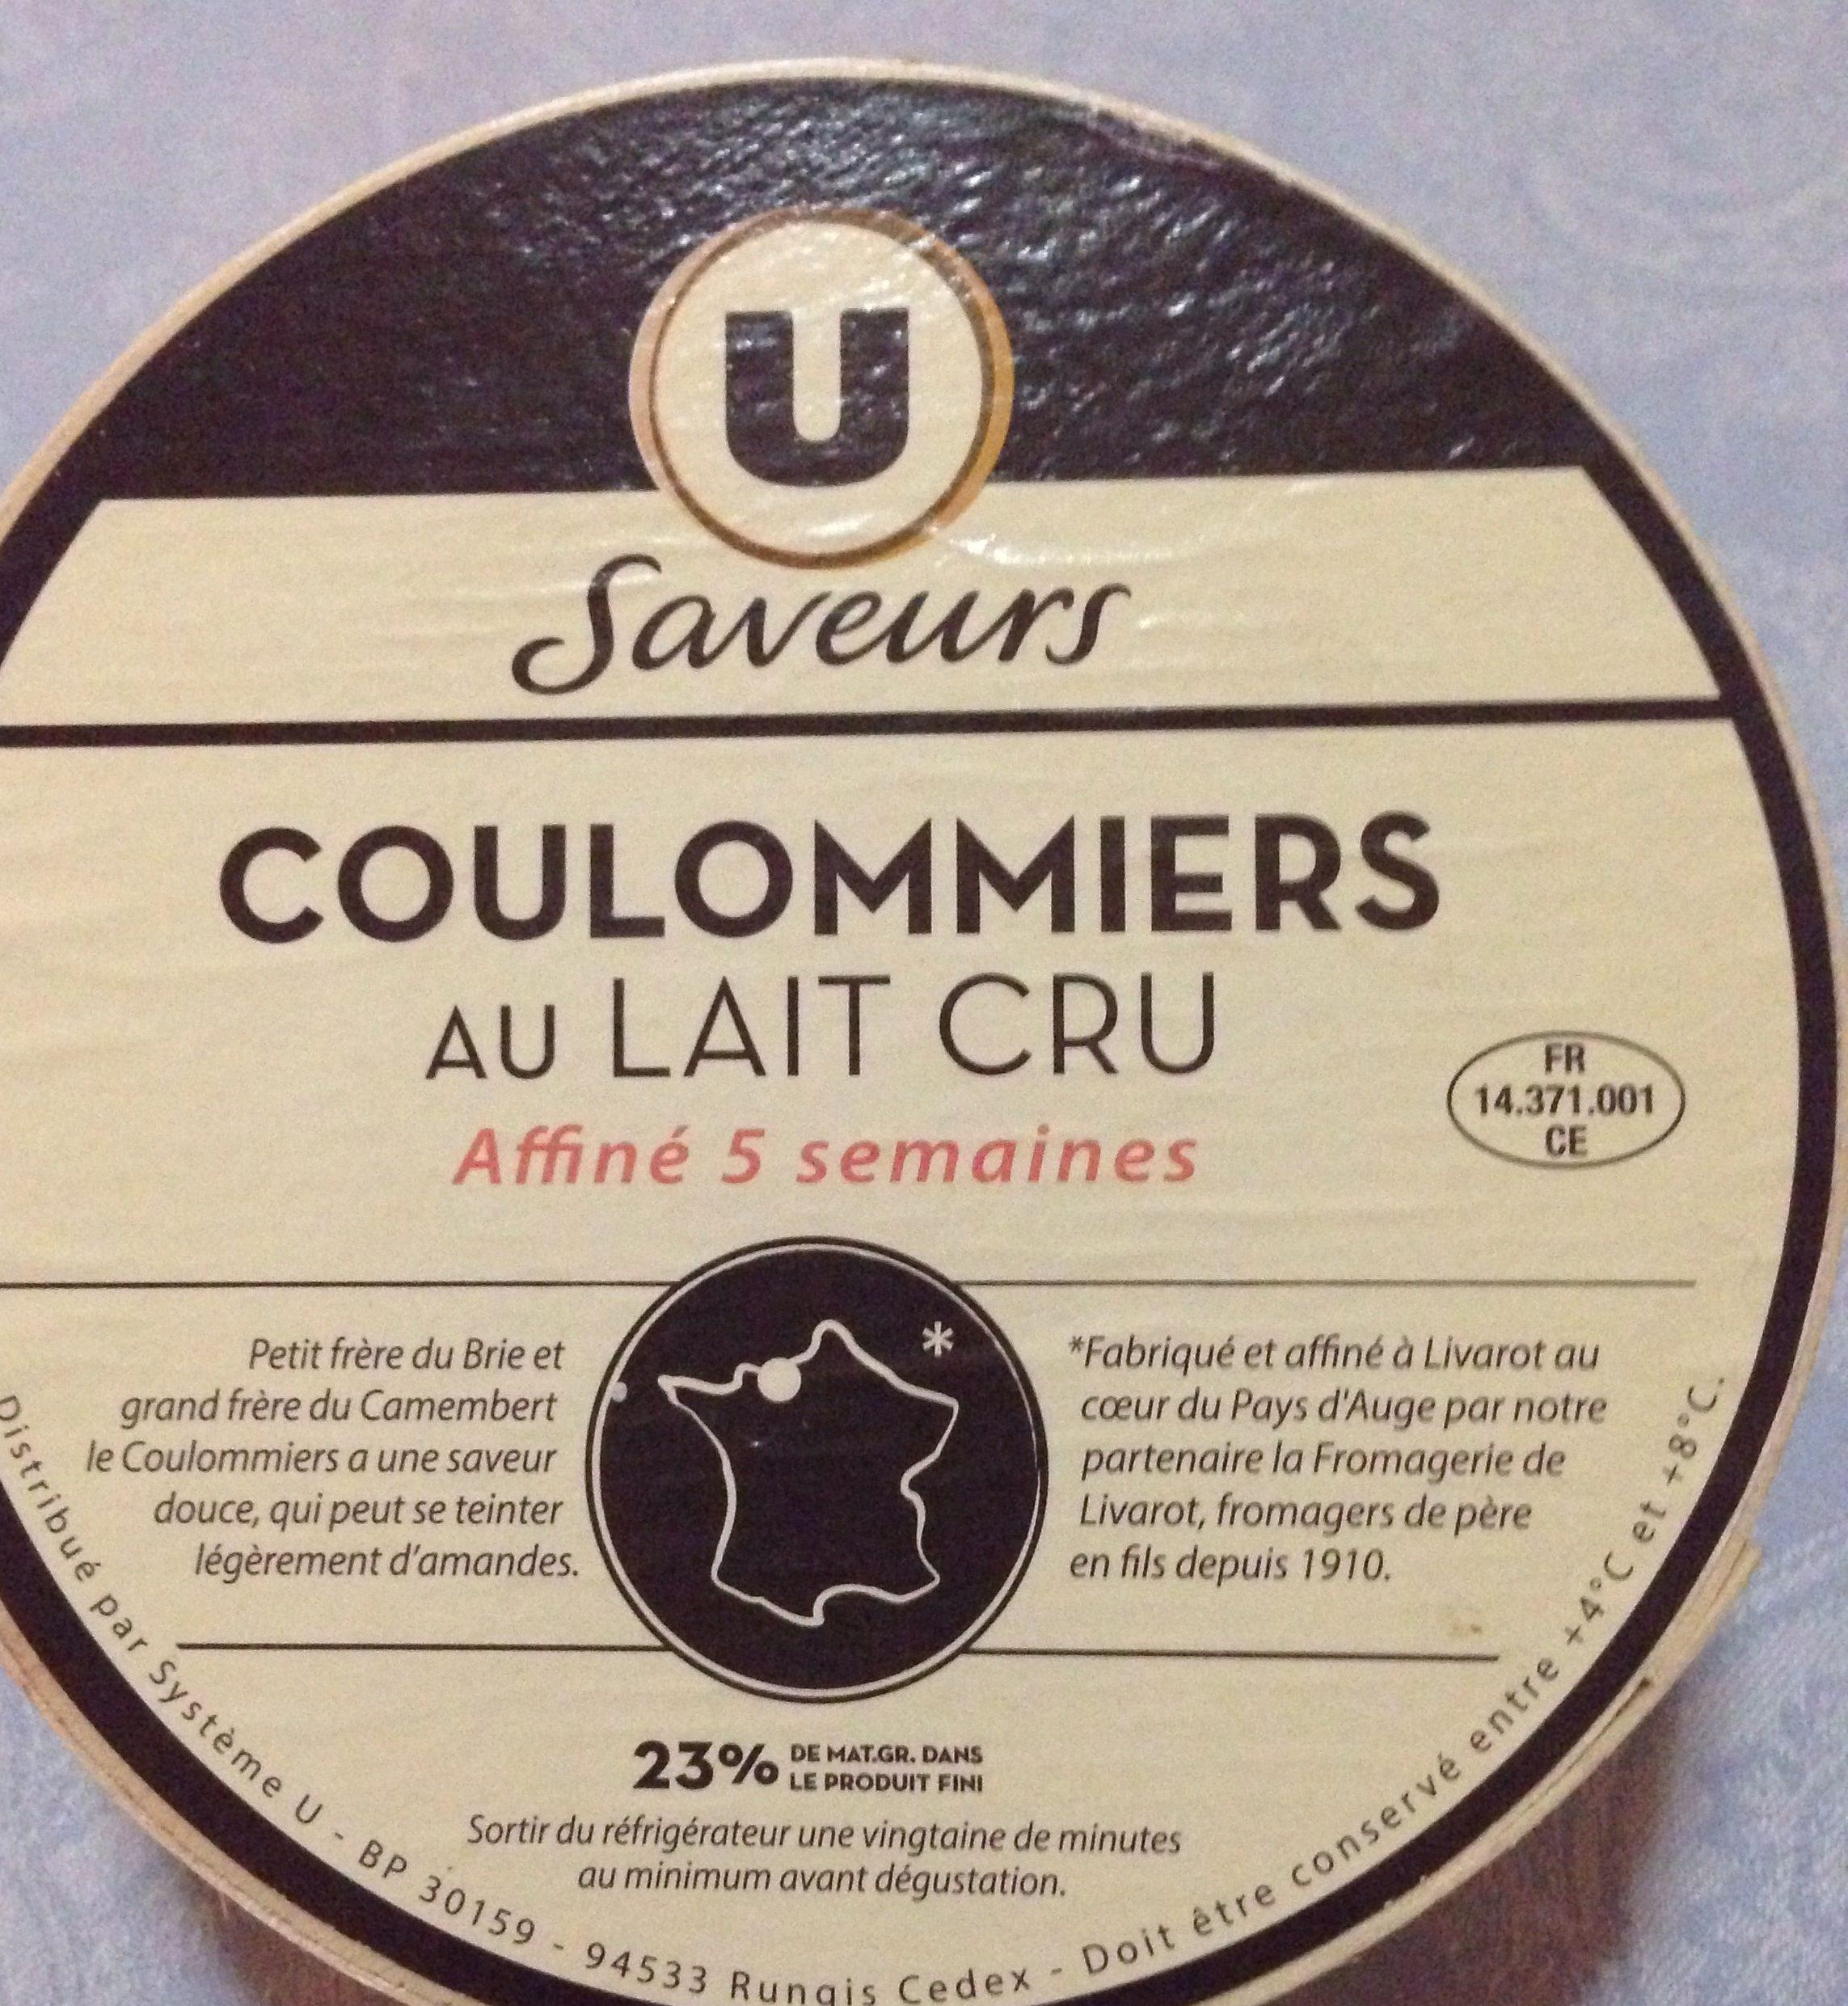 Coulommiers au lait cru - Product - fr